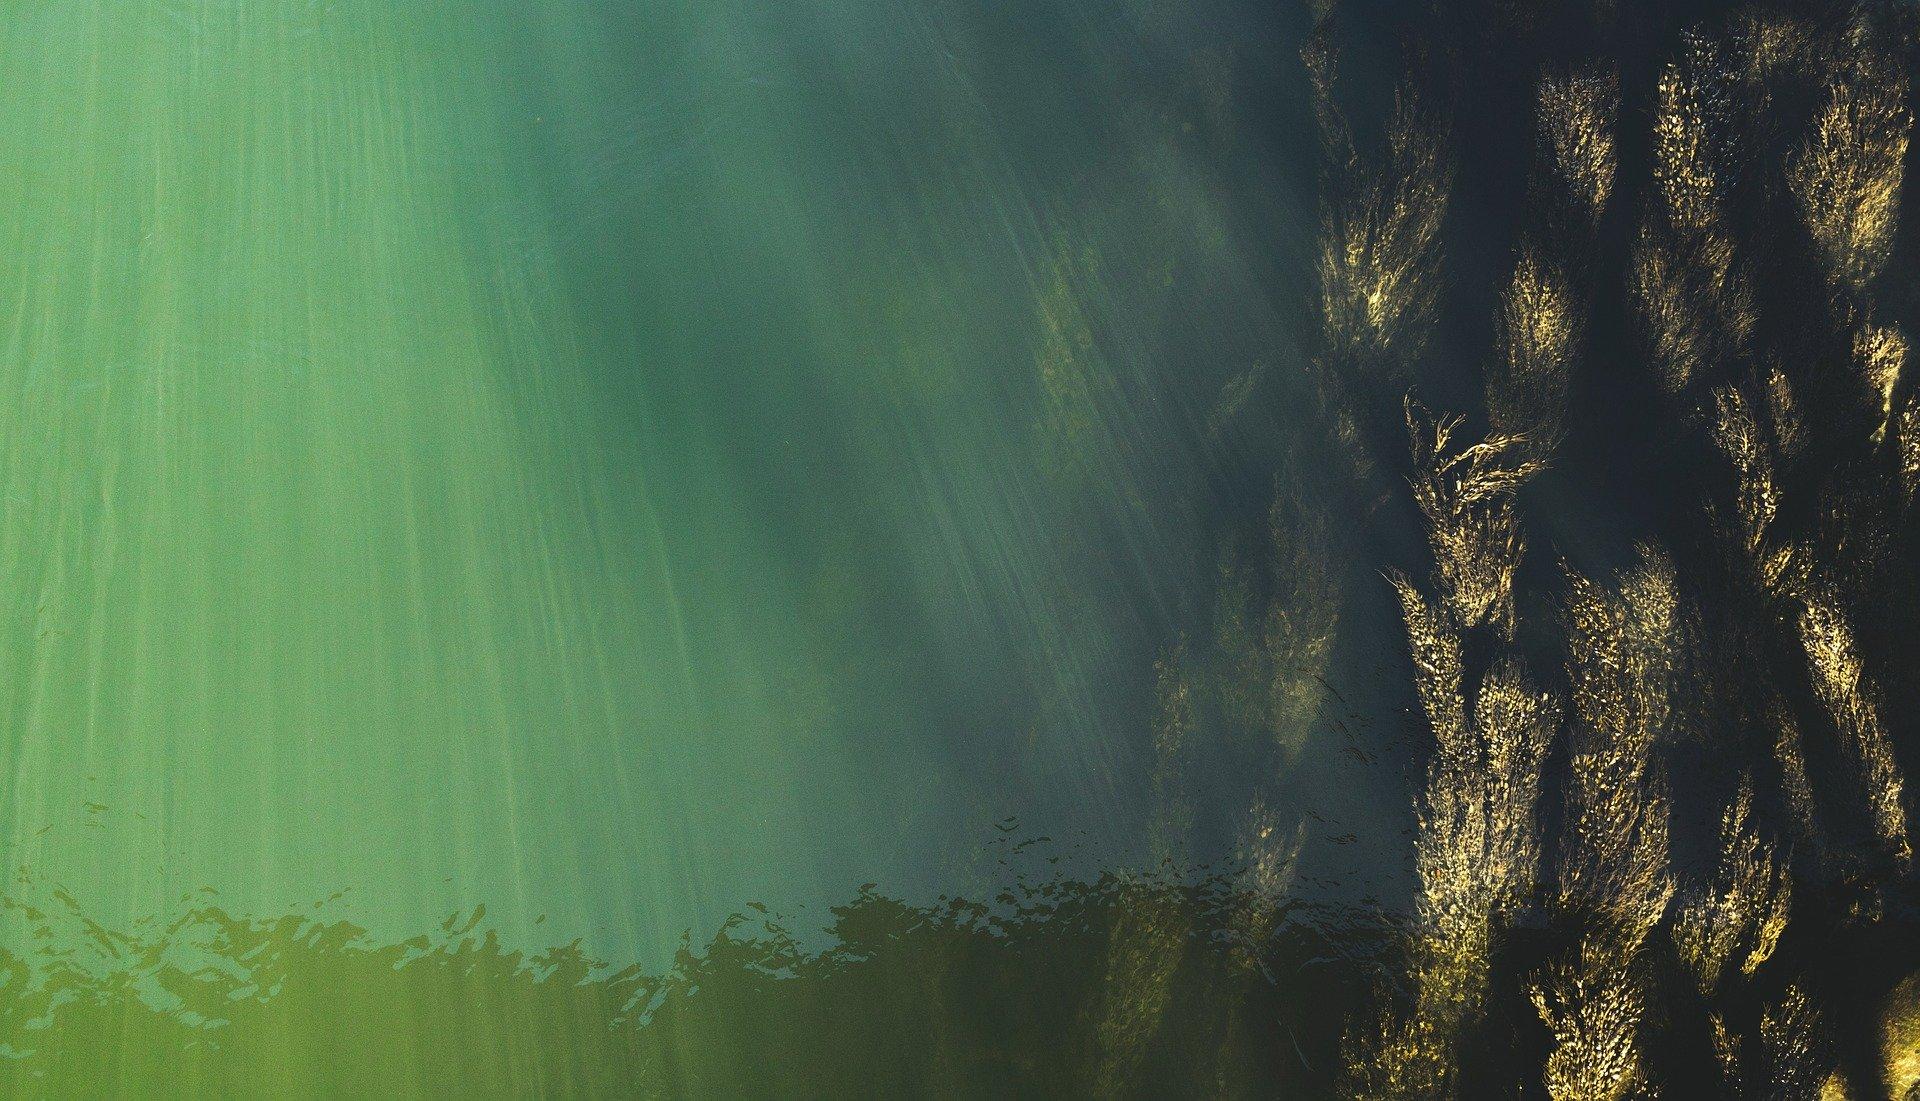 underwater-2966572_1920